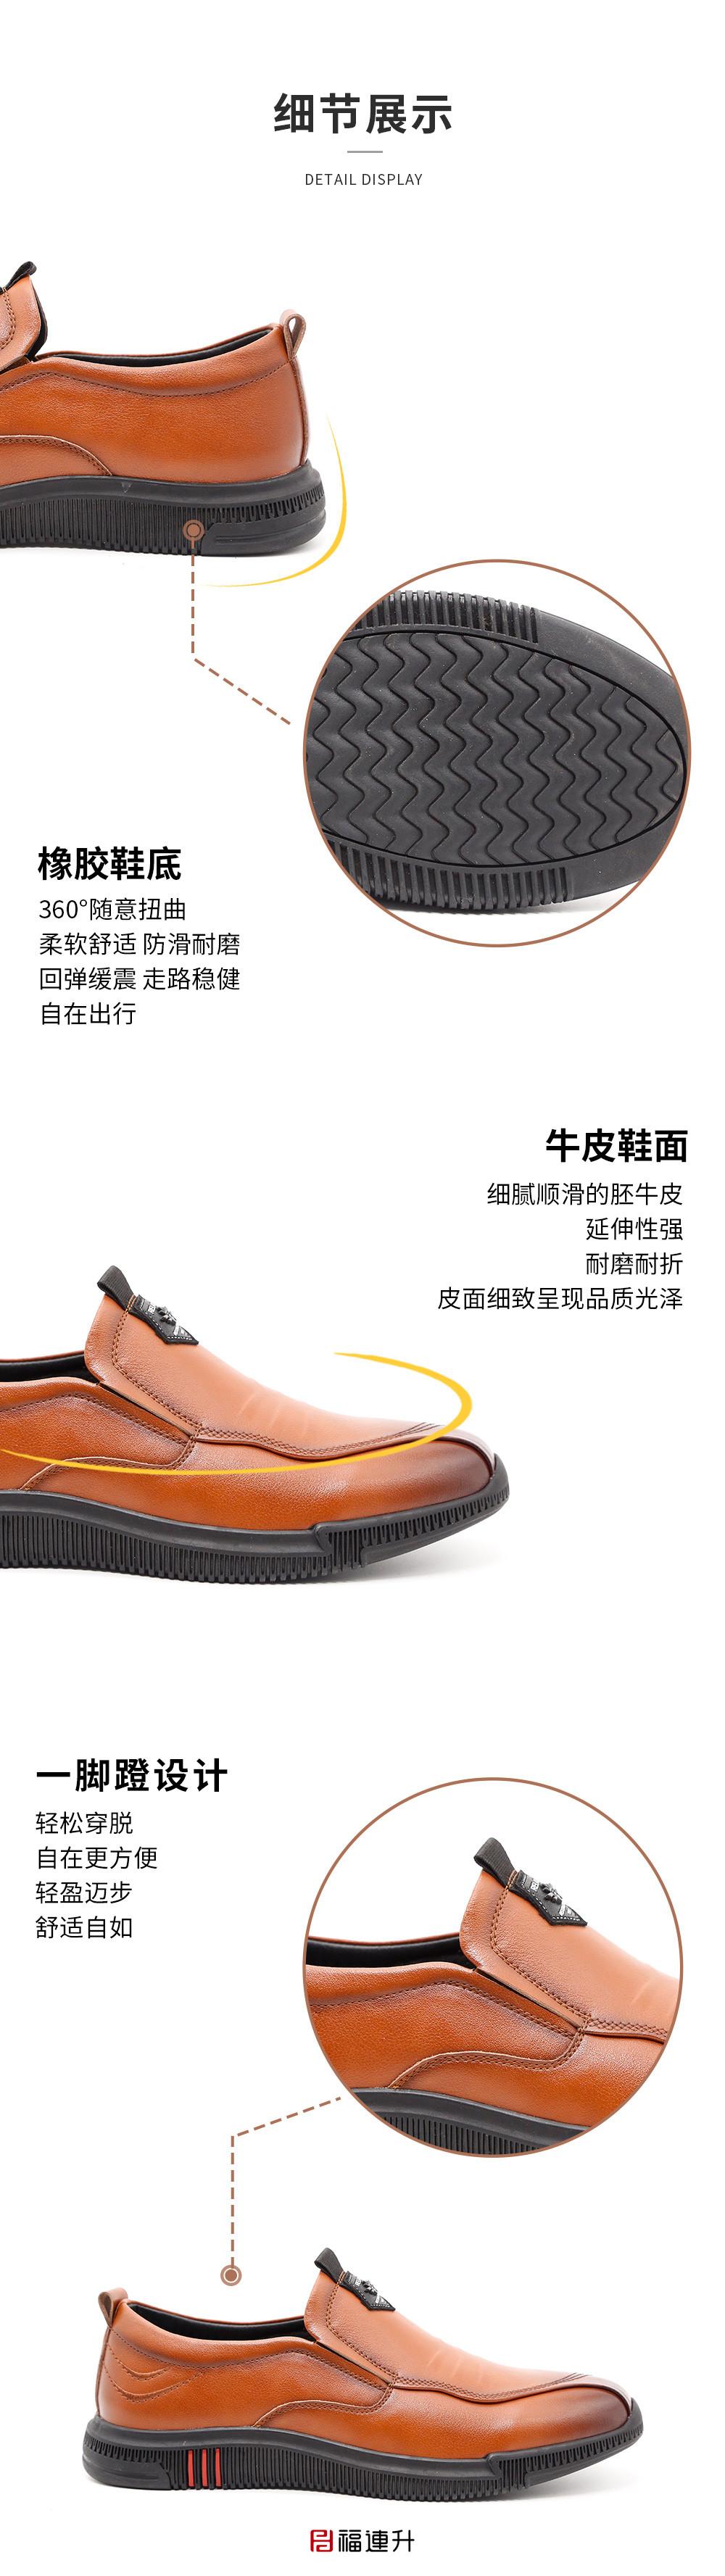 福连升2020冬季新款男牛皮商务百搭休闲鞋图片